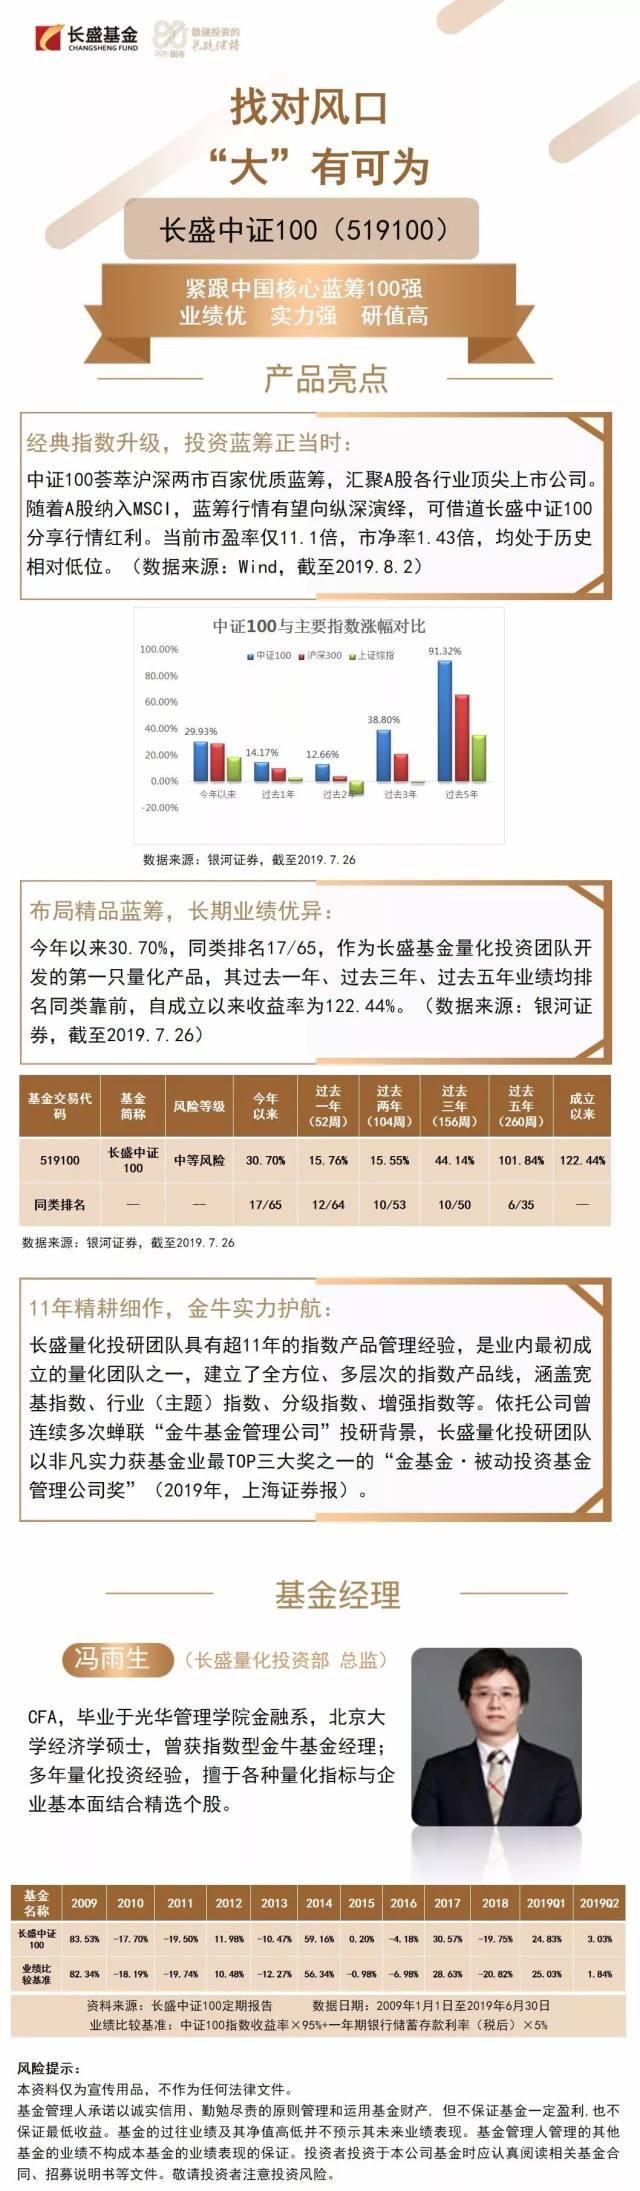 """长盛基金:公募基金投资""""核心资产""""路线分析"""